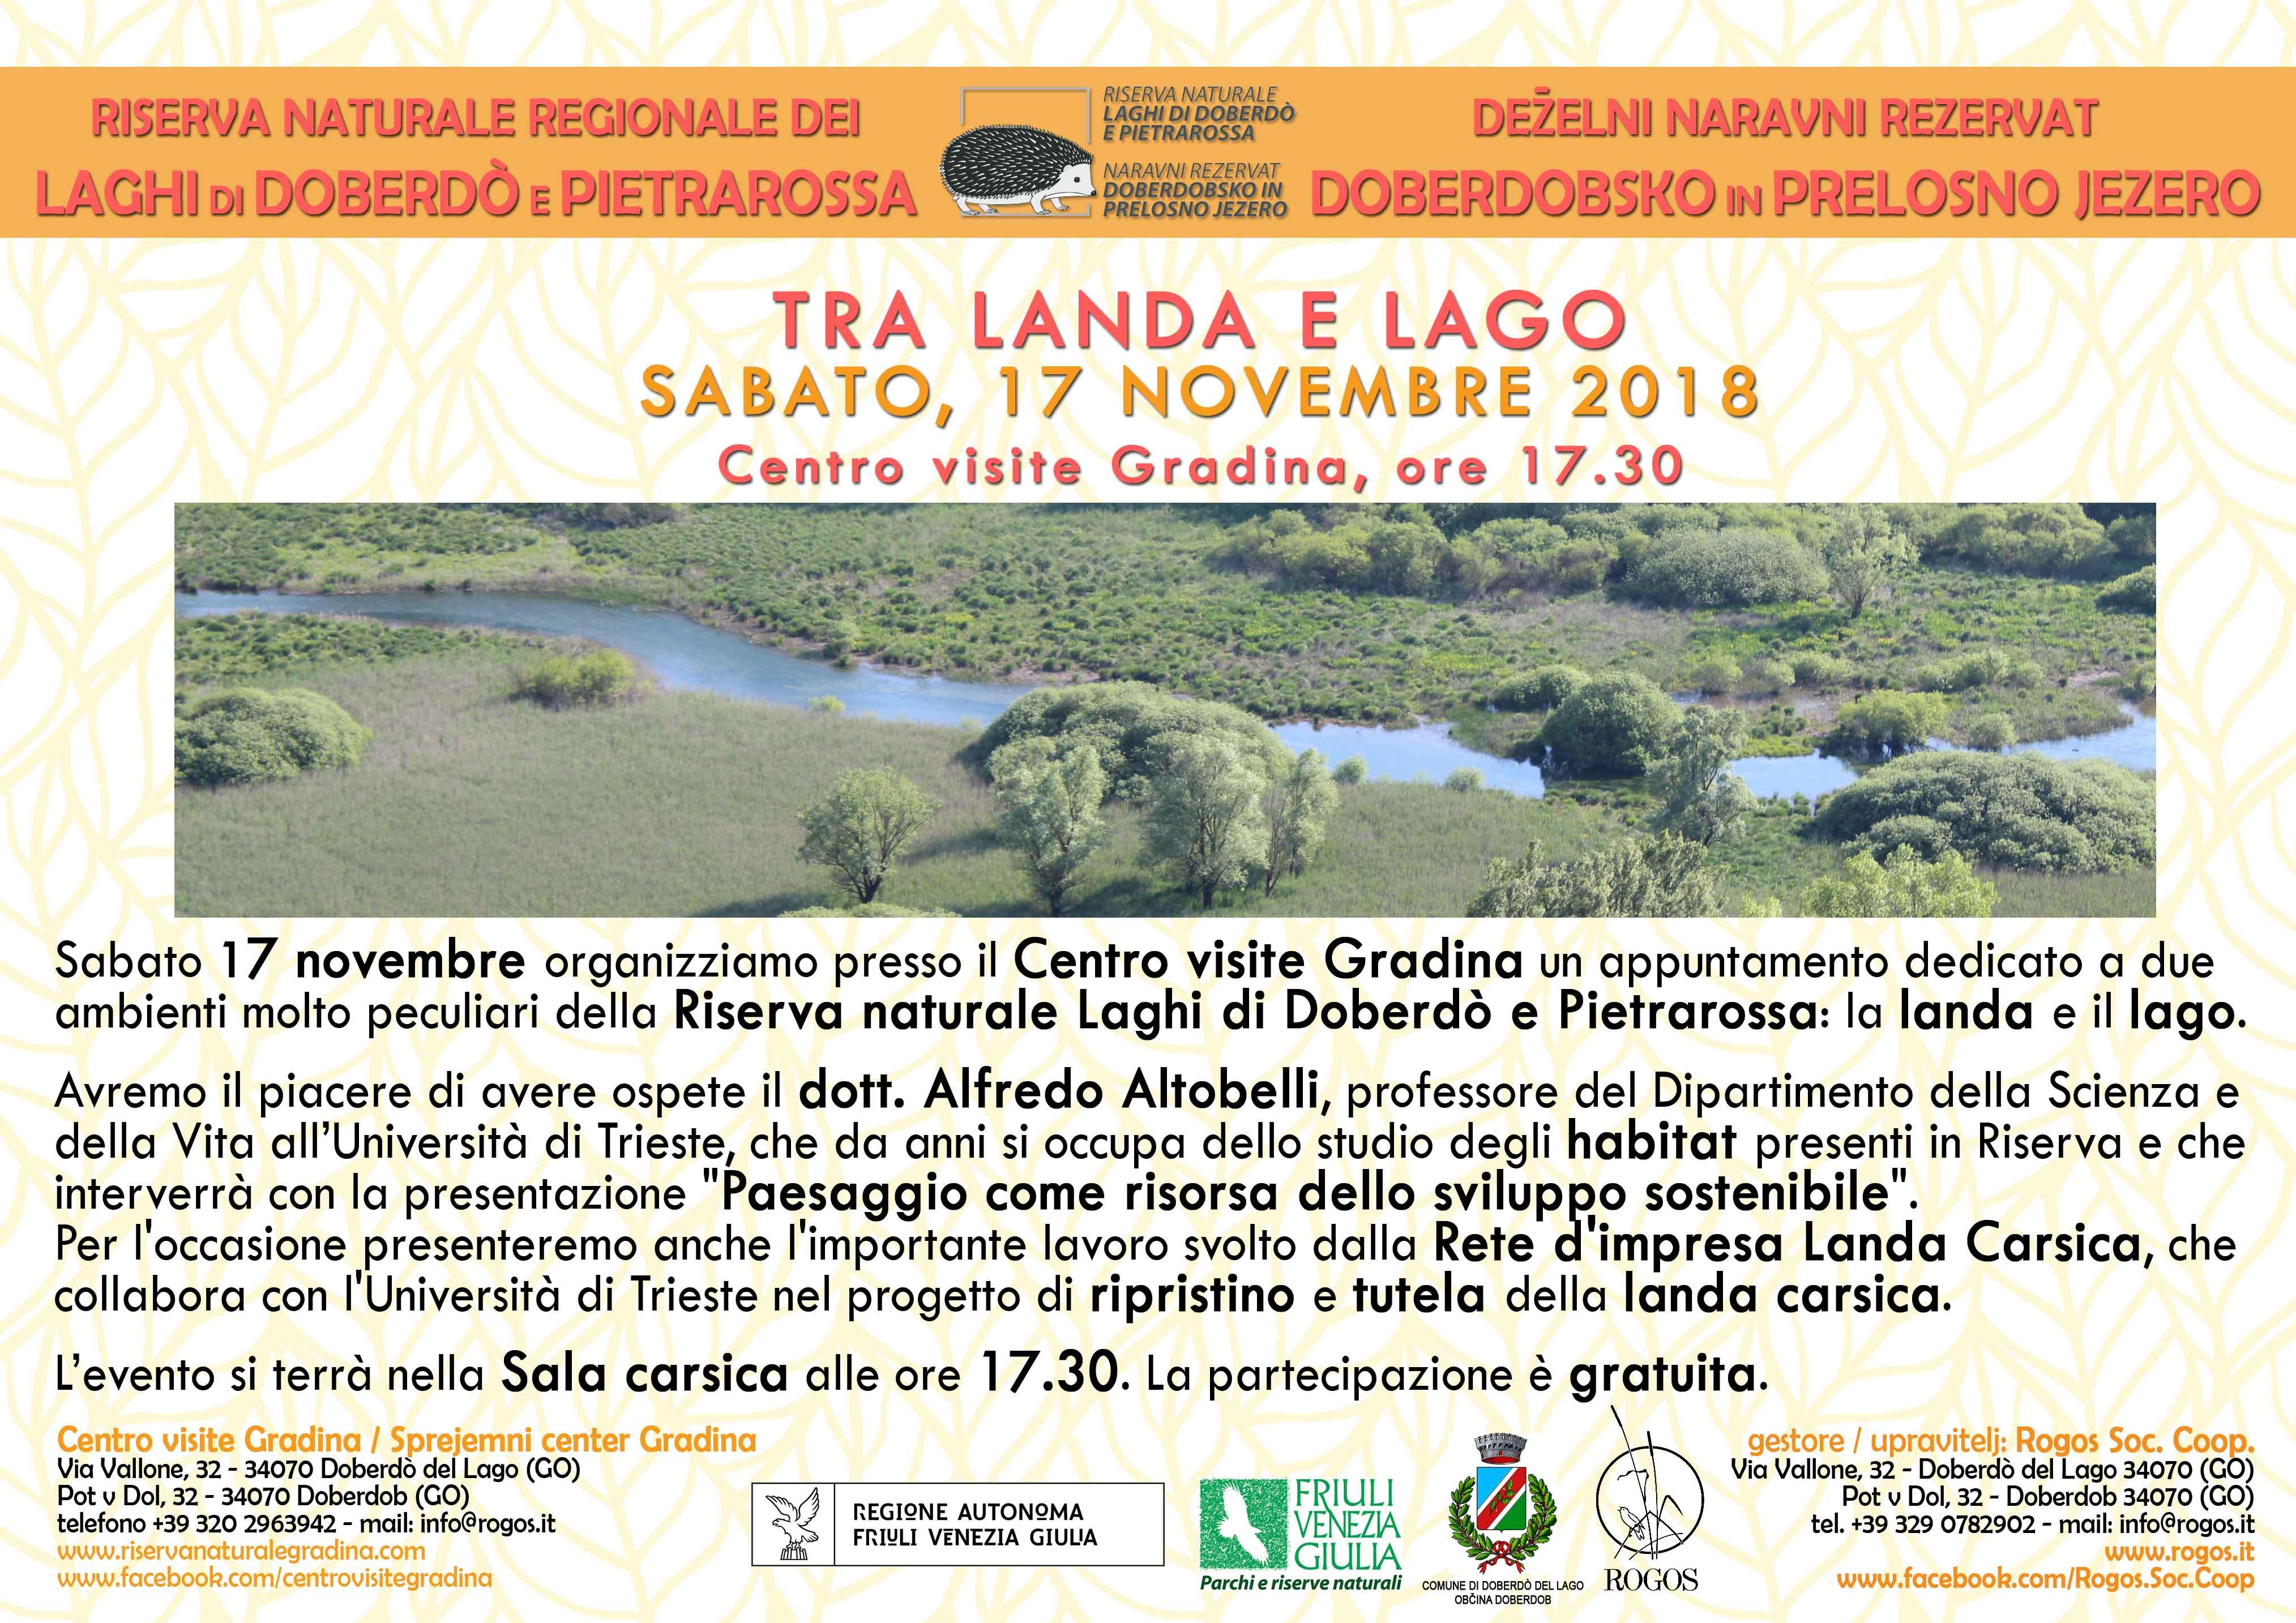 """La Riserva Naturale regionale dei Laghi di Doberdò e Pietrarossa presenta:  """" Tra Landa e Lago"""""""